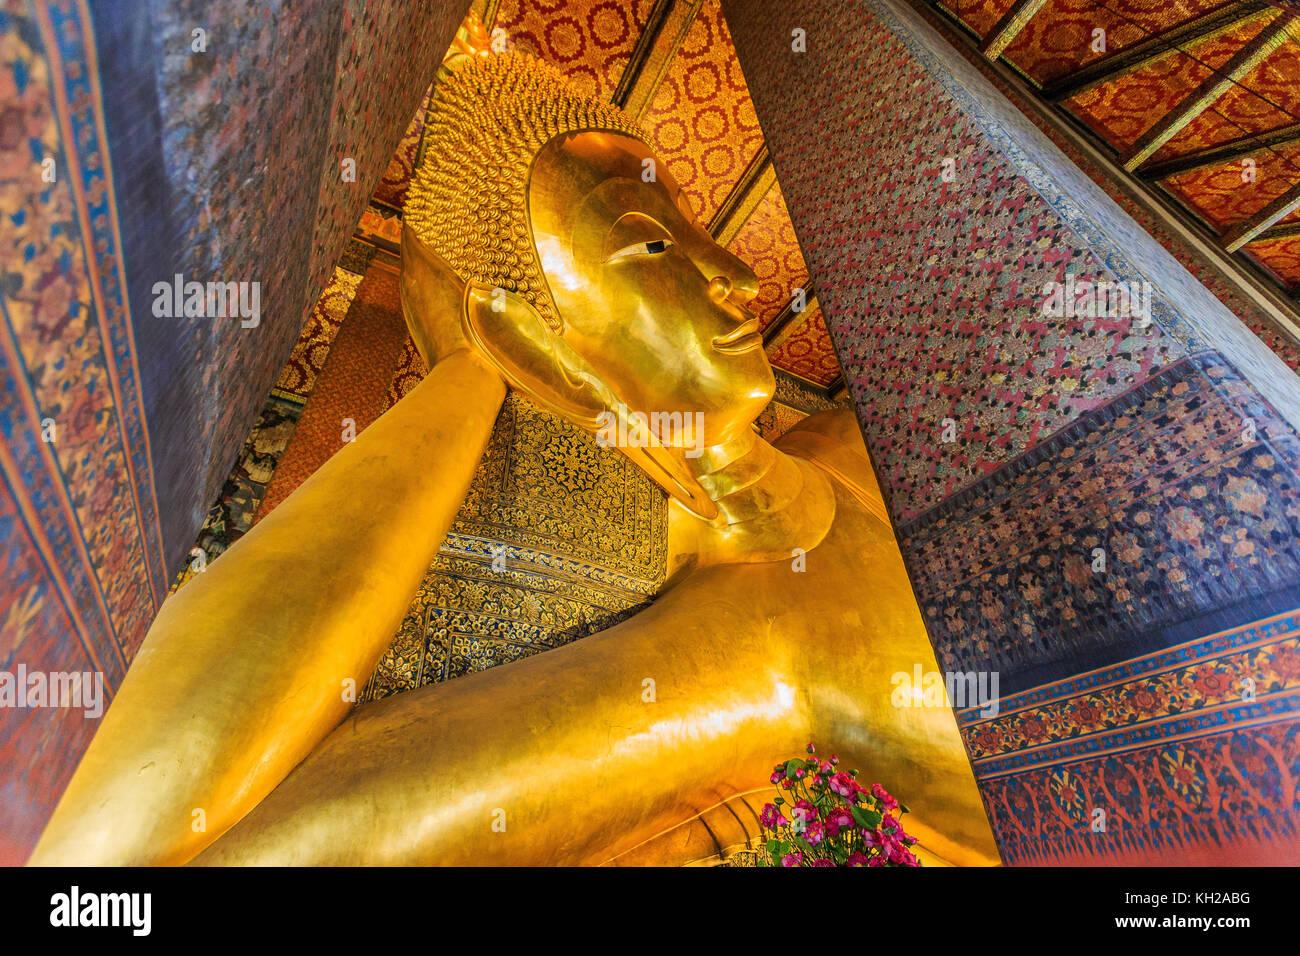 Bangkok, Thaïlande. Statue de Bouddha couché, de l'or au temple de Wat Pho. Photo Stock